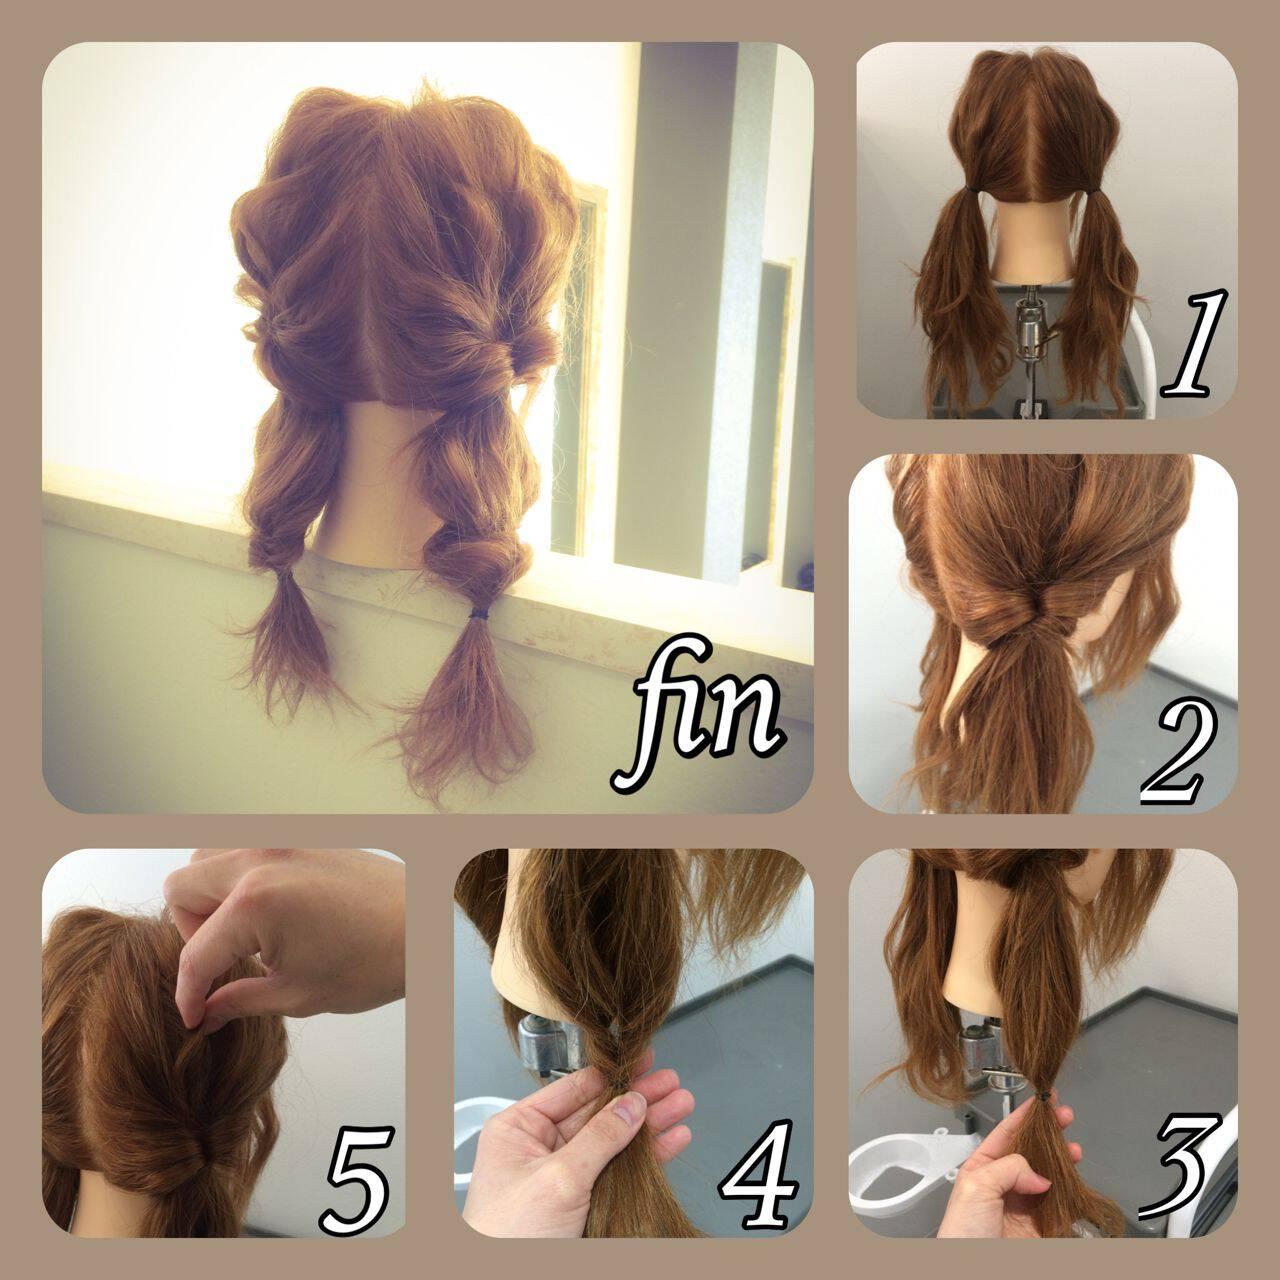 ショート ヘアアレンジ ツインテール 簡単ヘアアレンジヘアスタイルや髪型の写真・画像